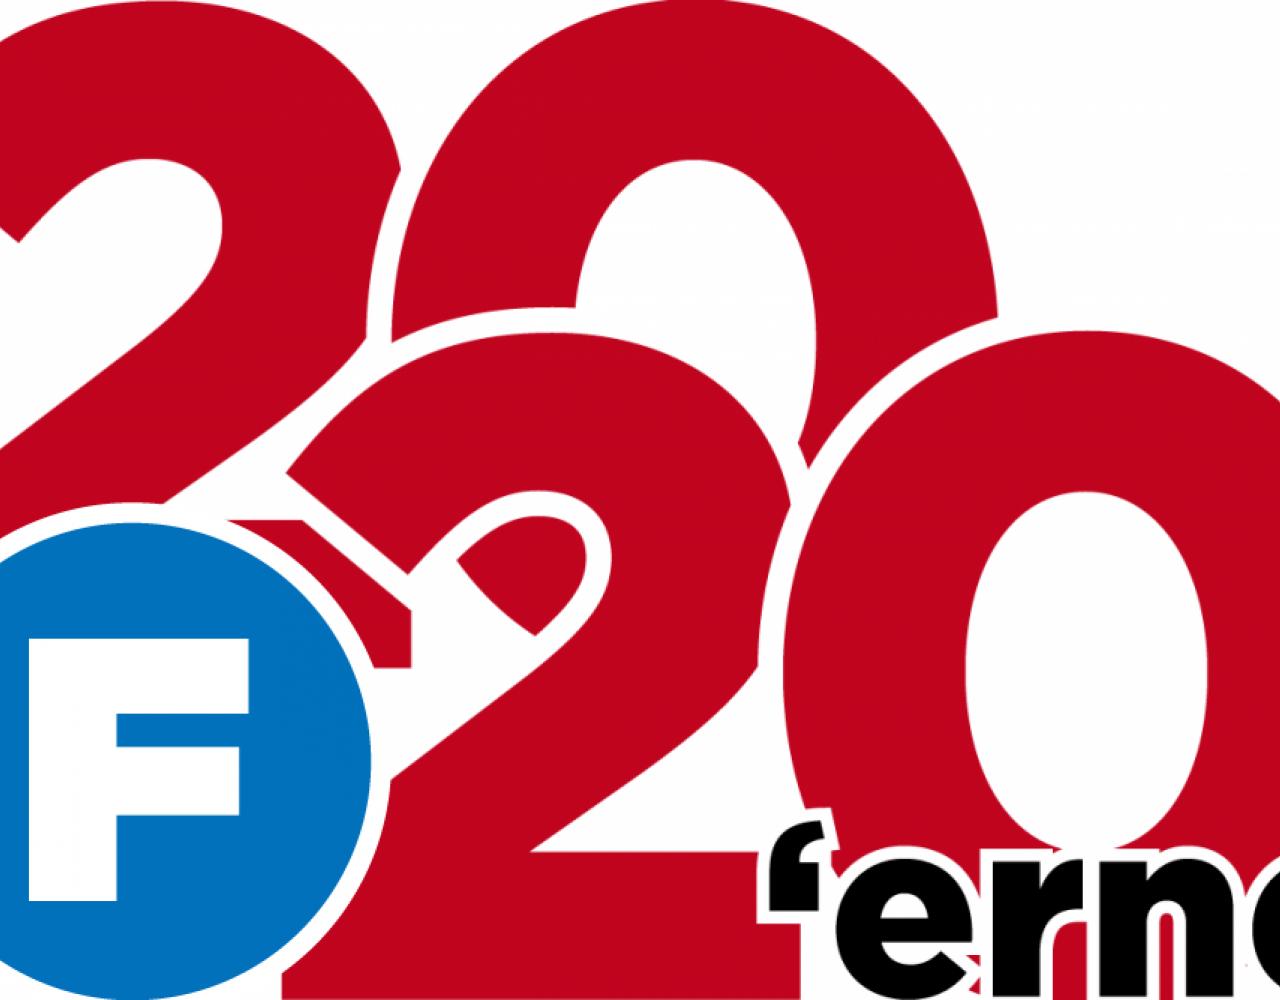 2020erne socialistisk folkeparti sf